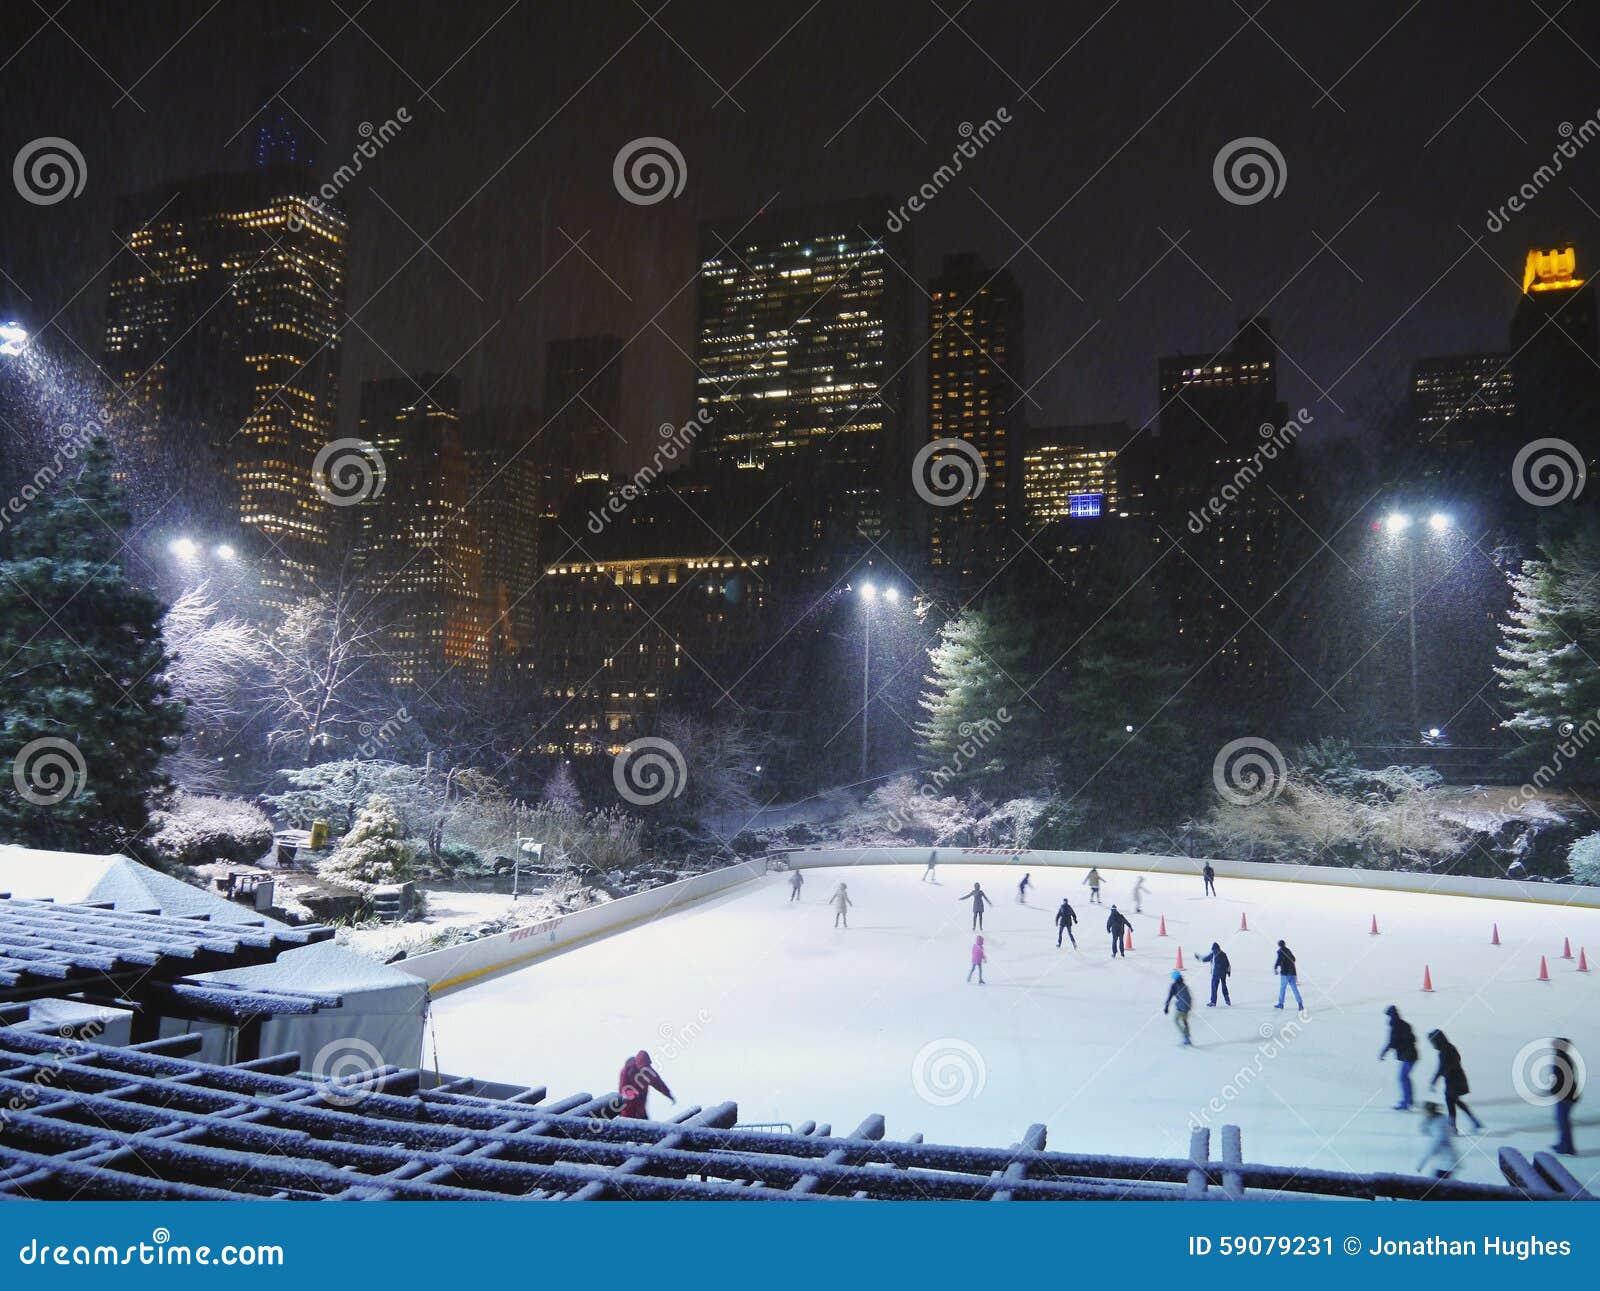 Les patineurs de glace apprécient un Central Park hivernal sous la neige, NYC